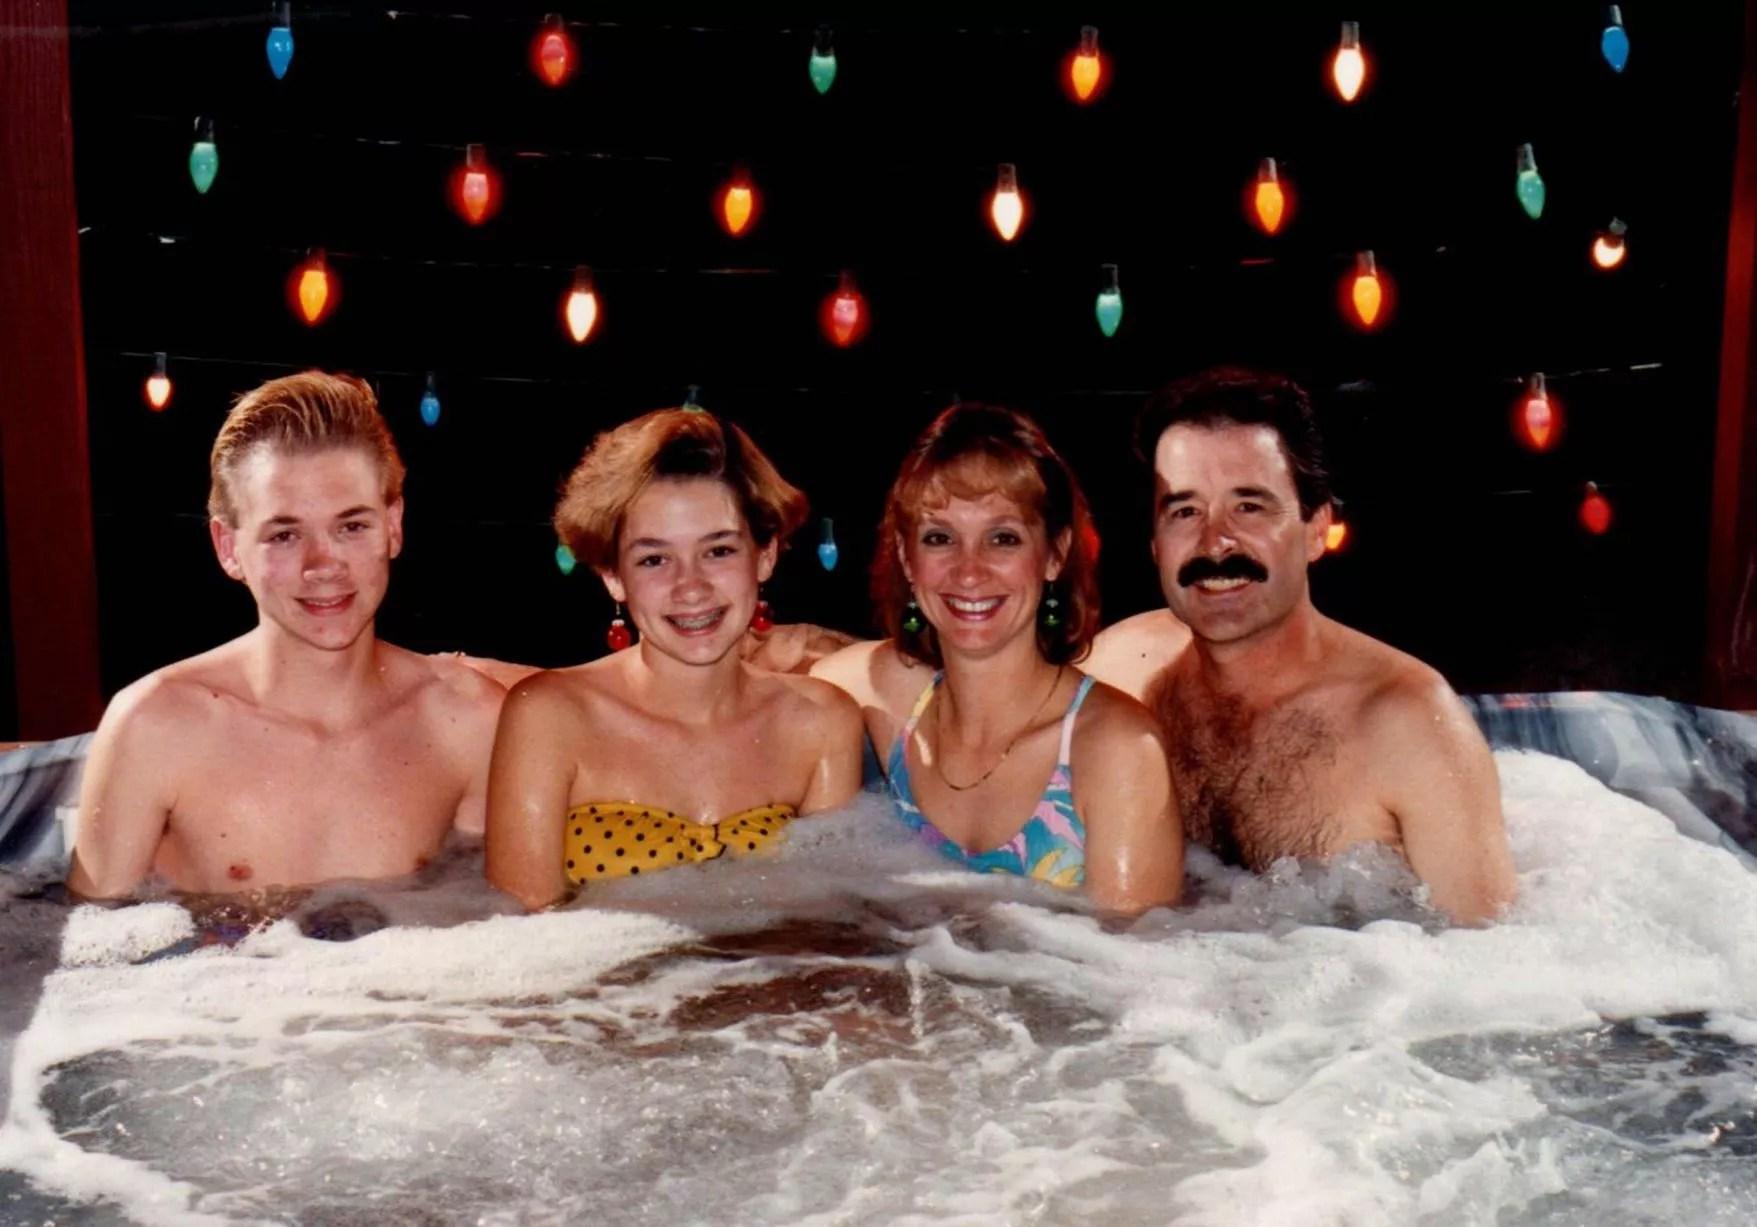 Awkward family Christmas photographs